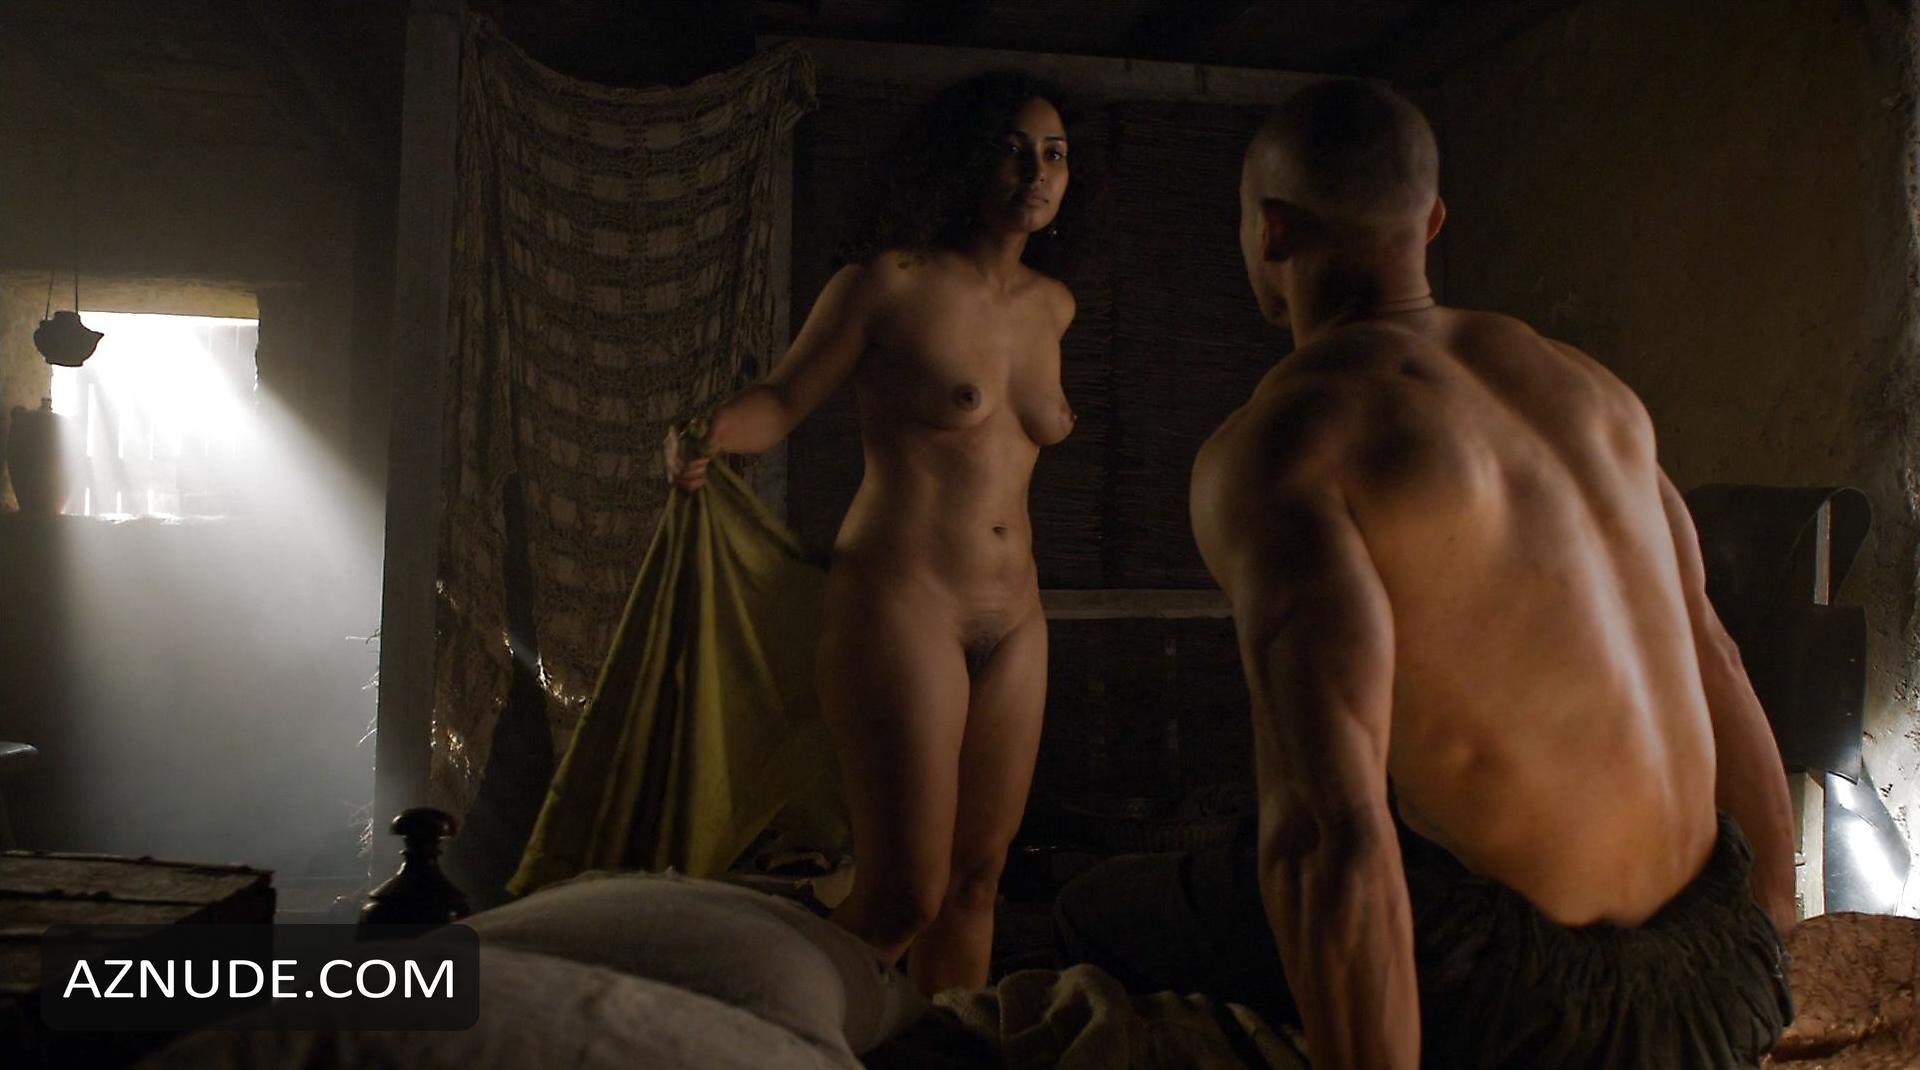 турецкие мужчины порно